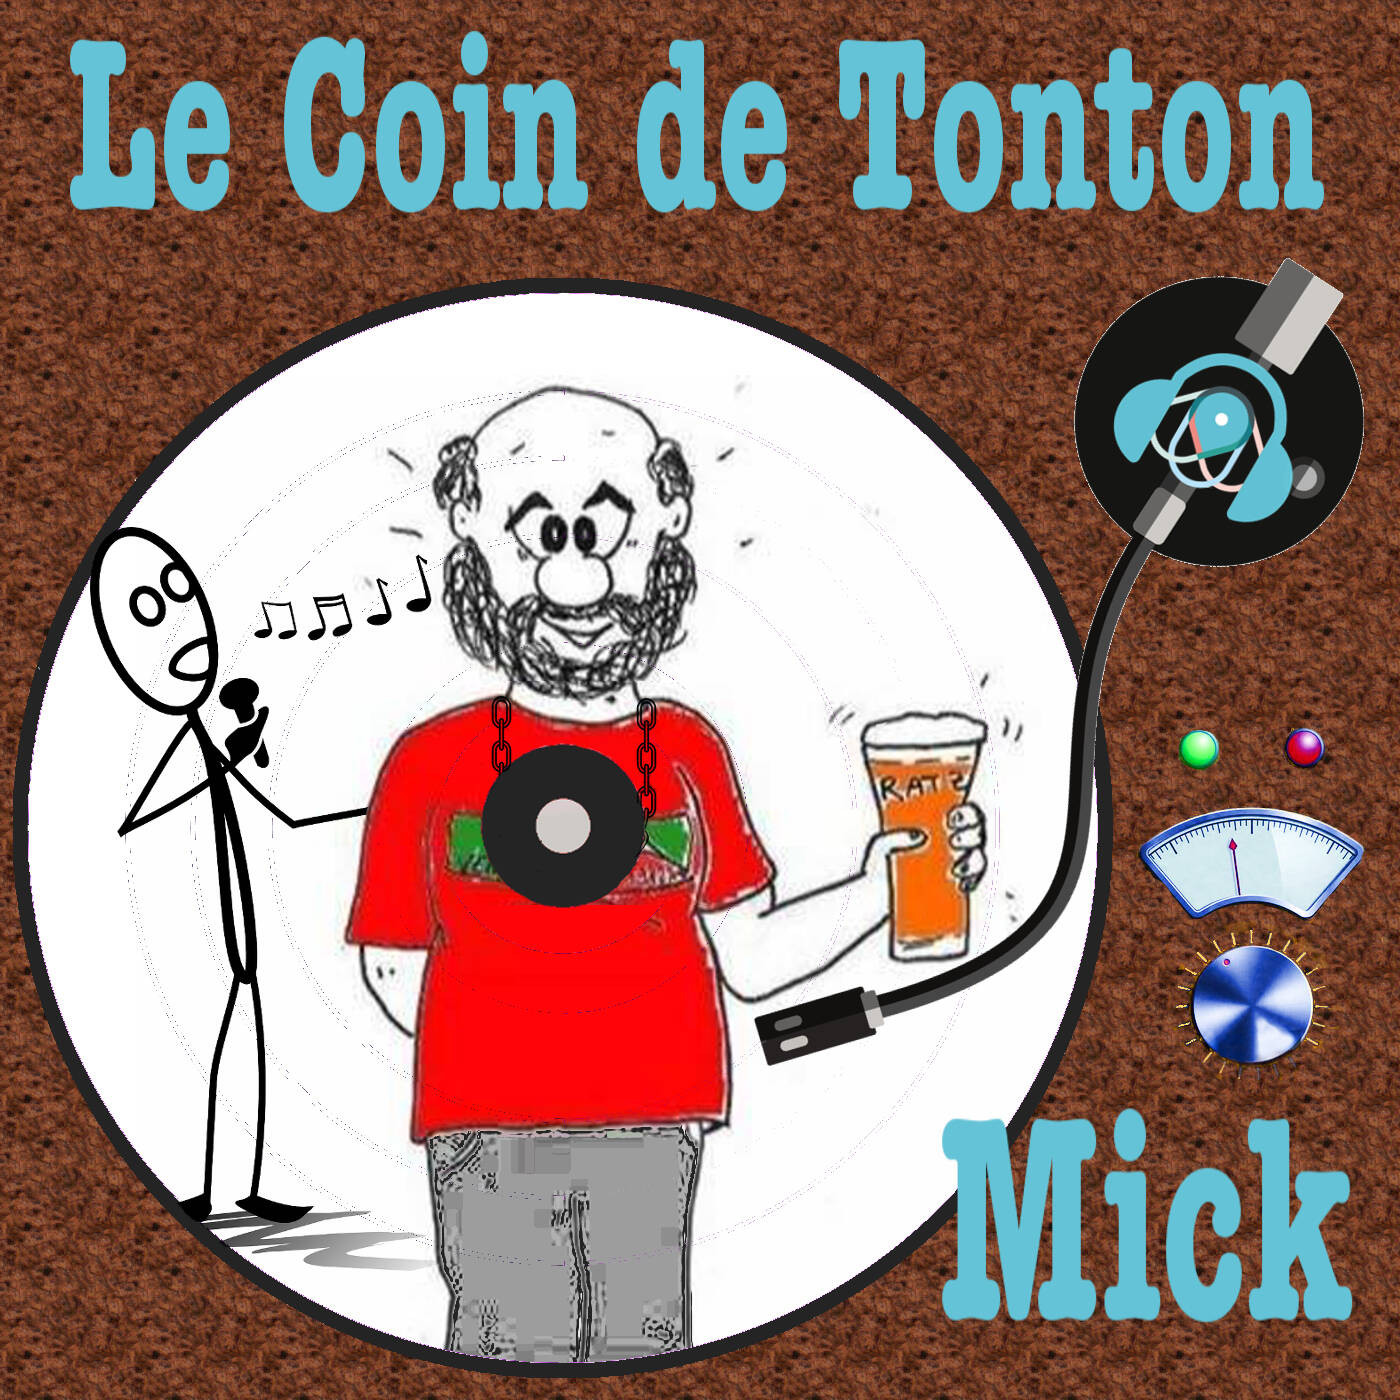 LE COIN DE TONTON MICK S1E2 - Chansons par thème: Le confinement